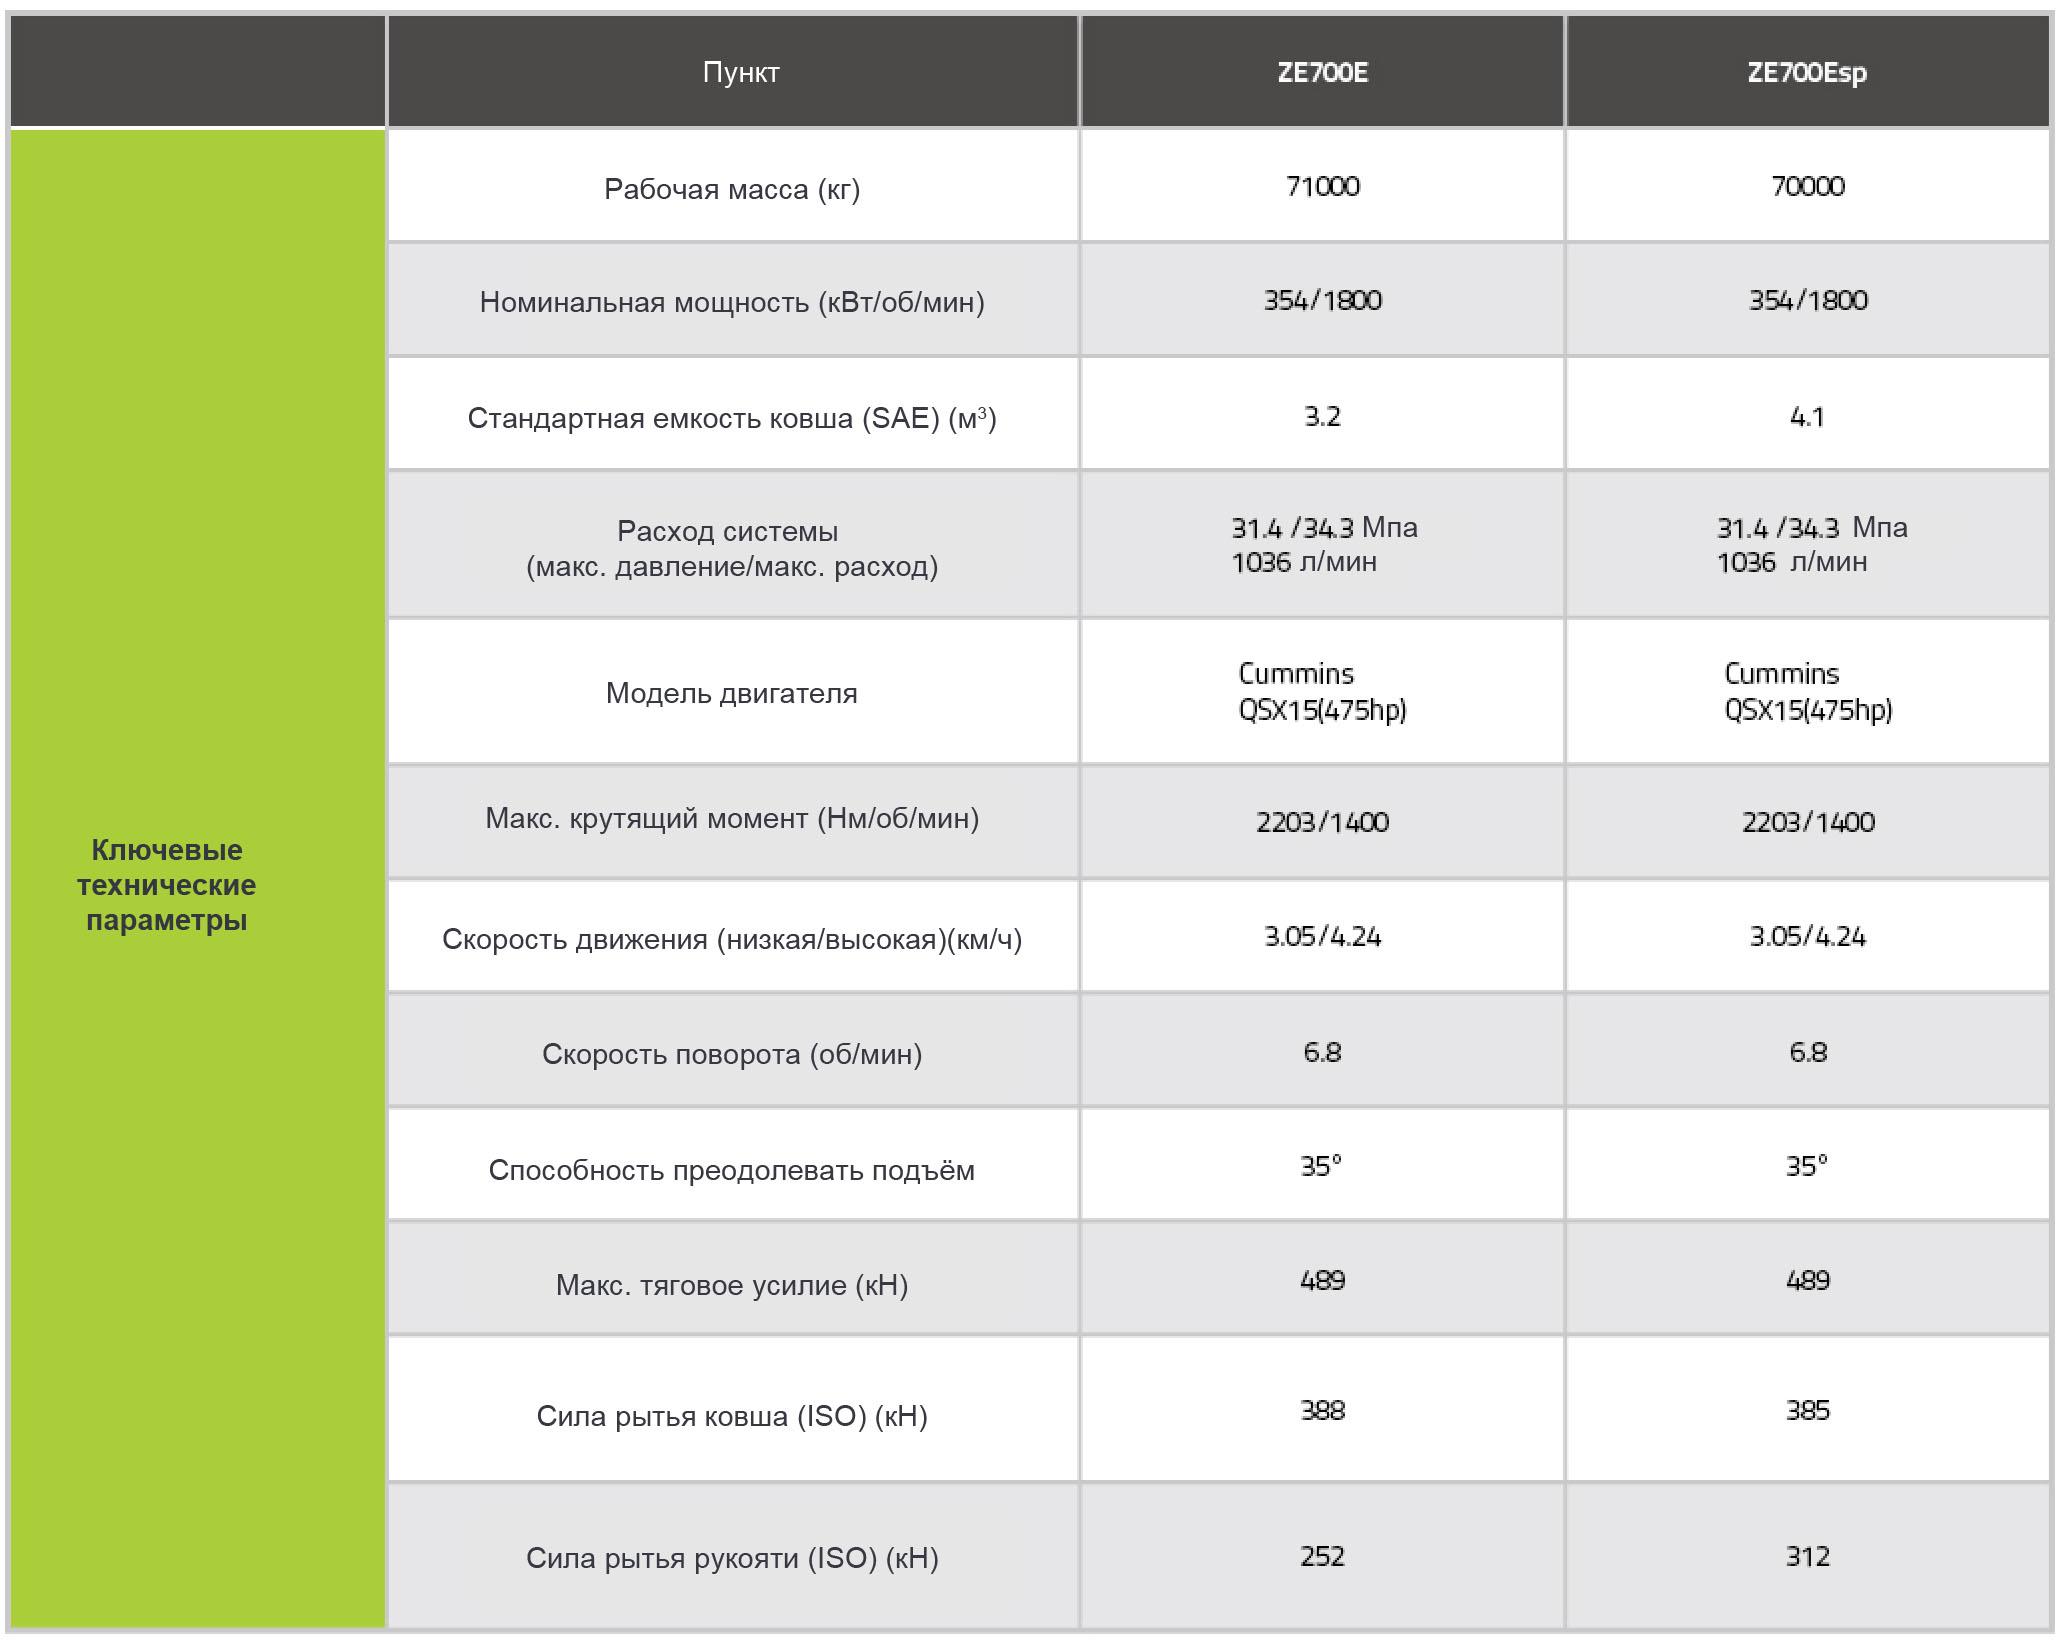 Технические характеристики экскаватора ZE700 Zoomlion